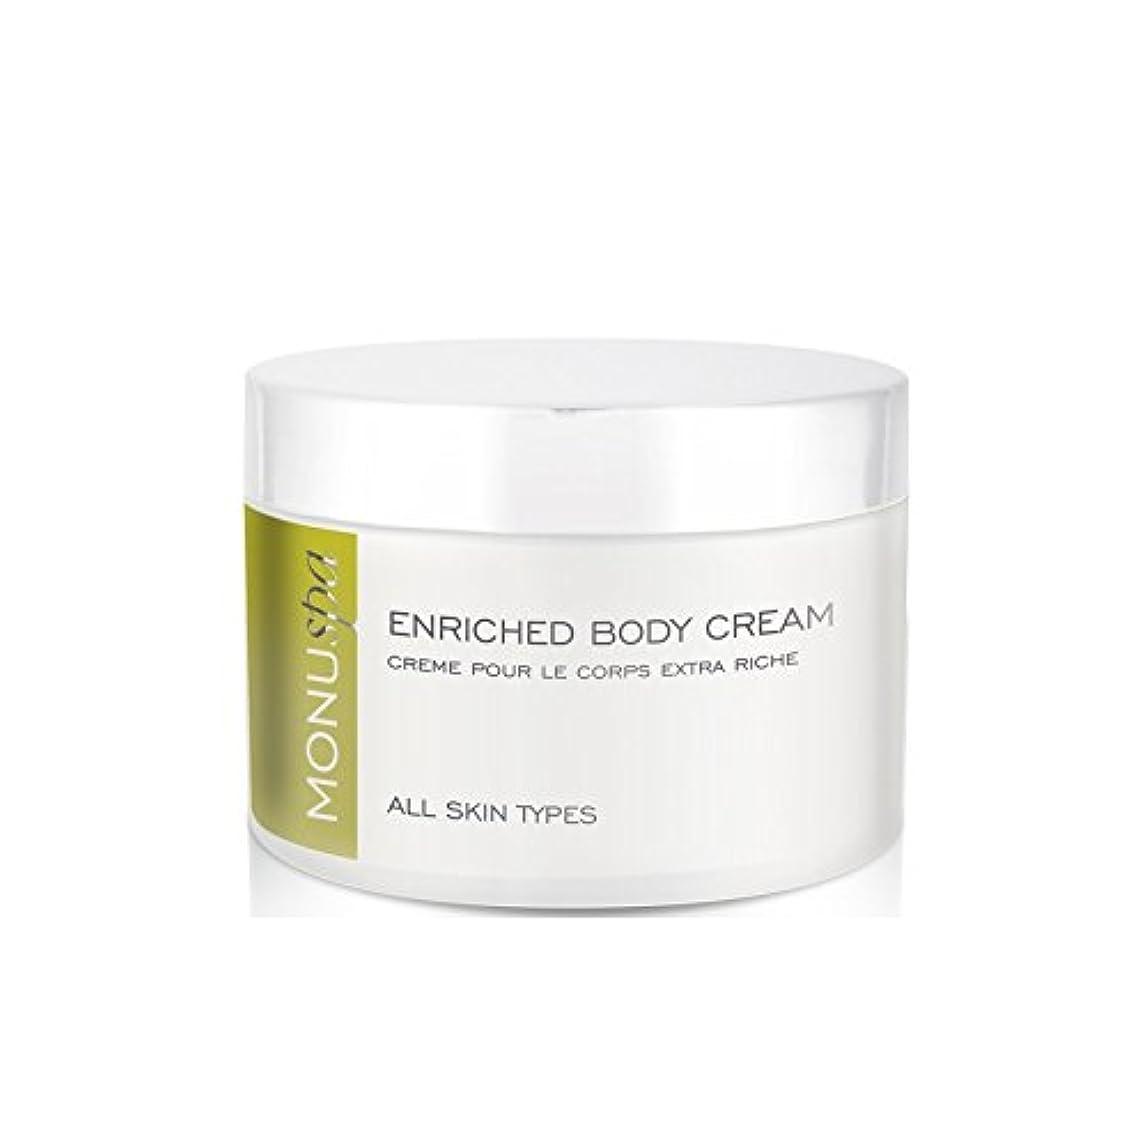 MONUspa Enriched Body Cream 200ml (Pack of 6) - 濃縮ボディクリーム200ミリリットル x6 [並行輸入品]